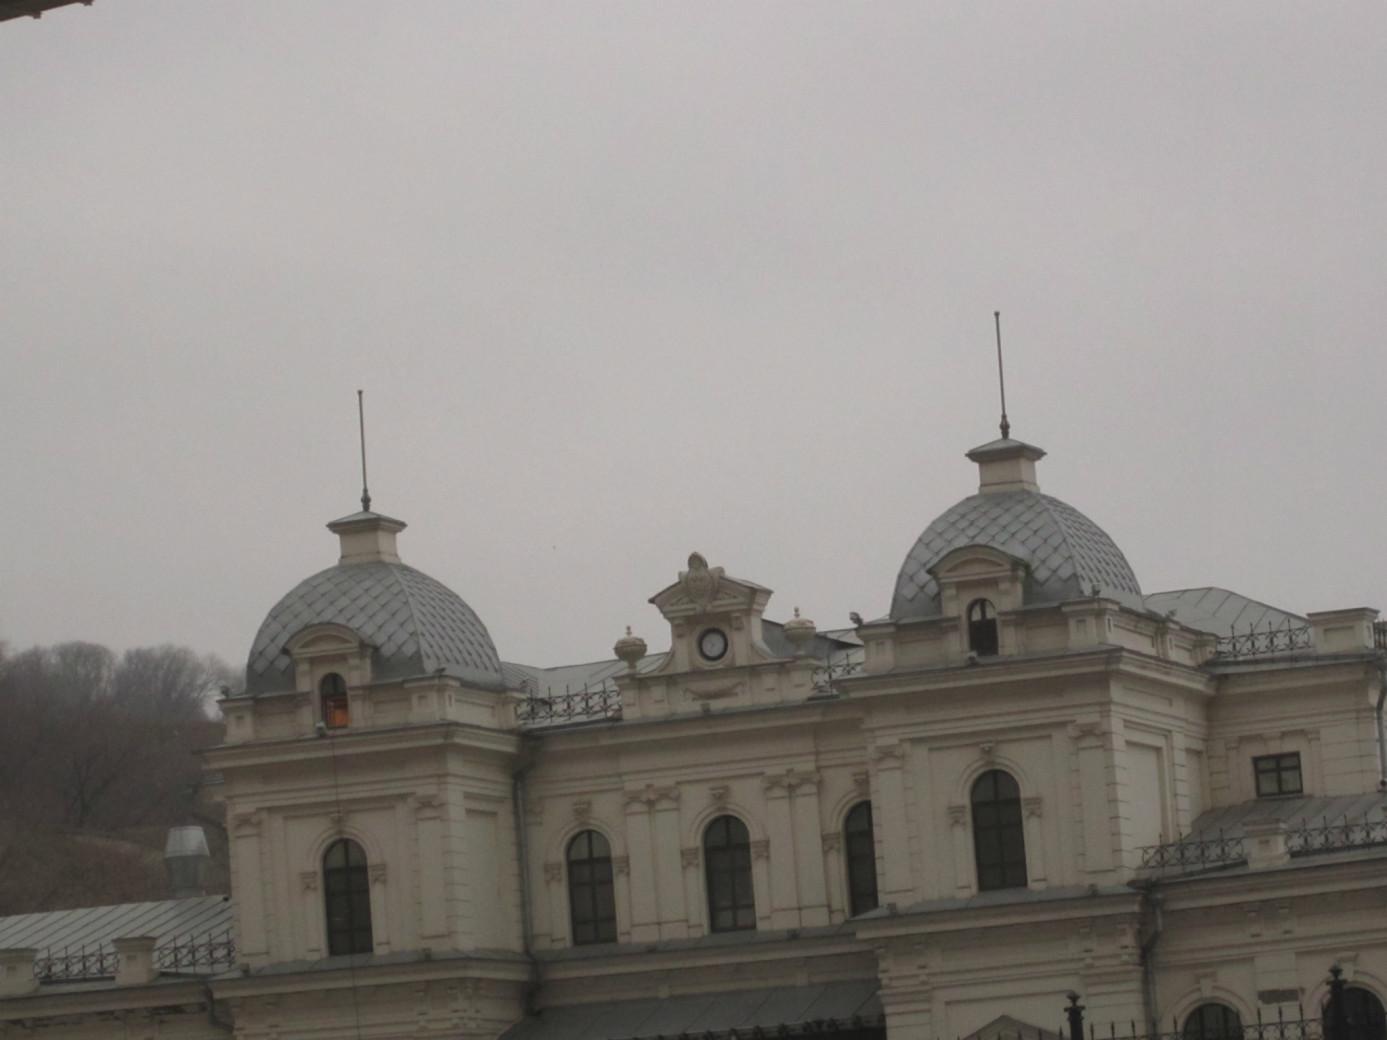 Ромодановский вокзал фото свадьбы 4